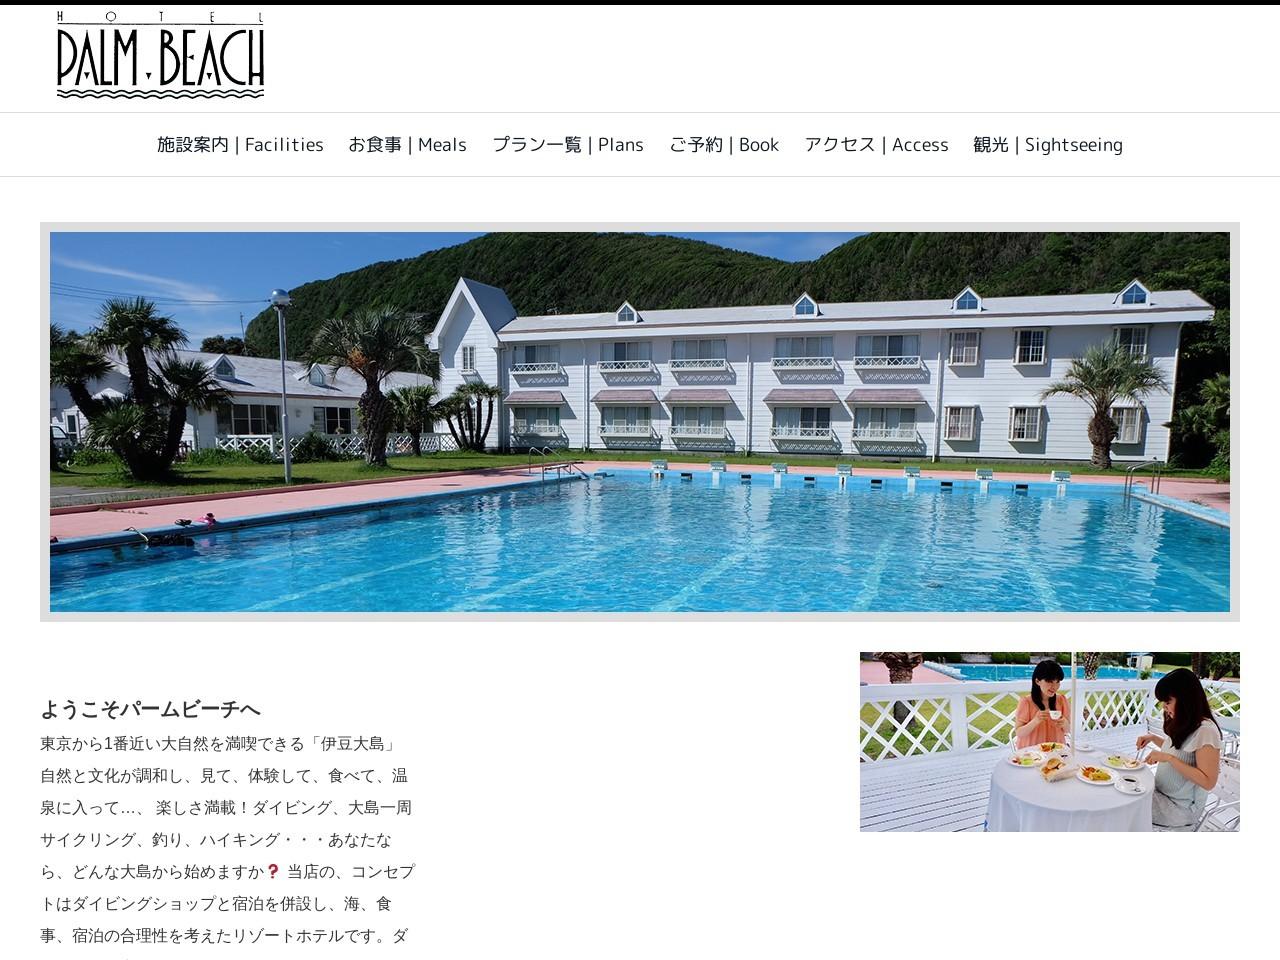 パームビーチリゾートホテル